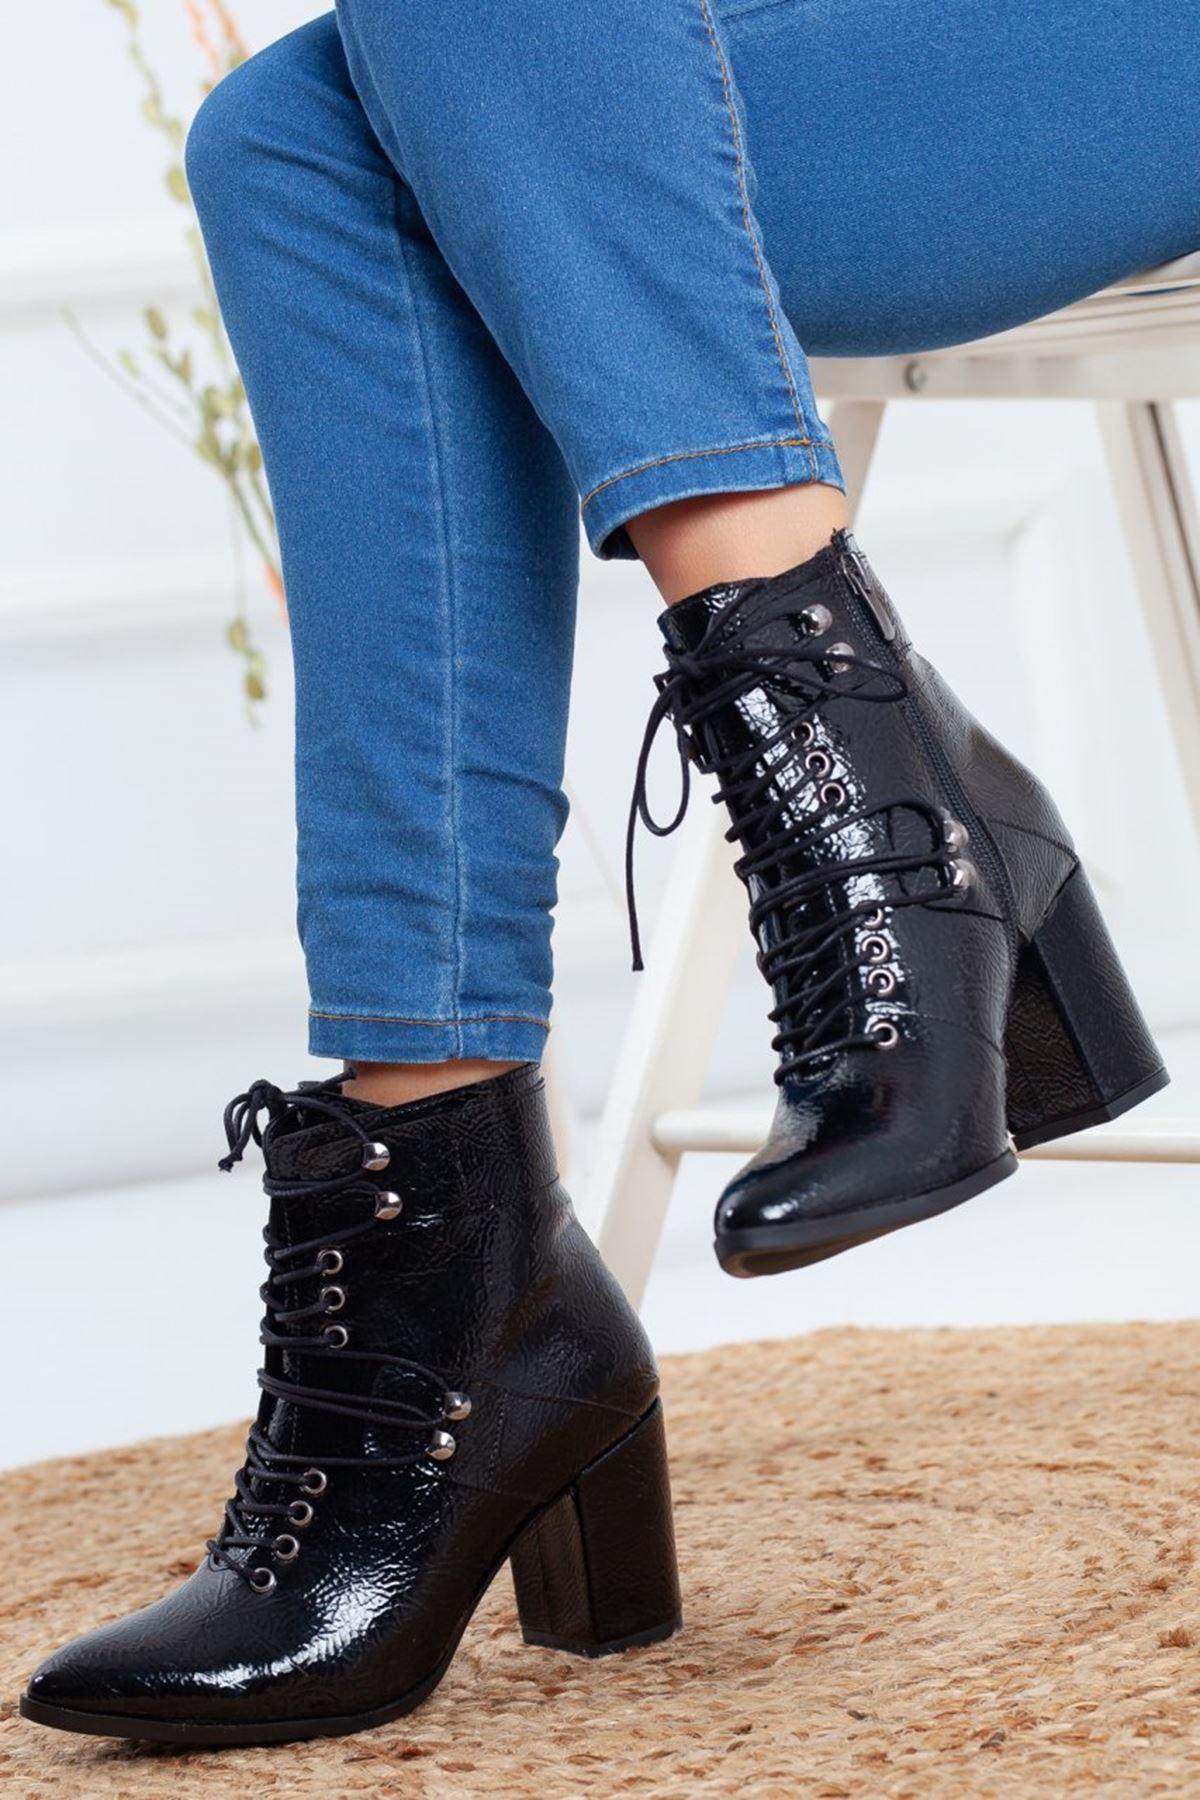 Kadın Mogli Topuklu Bağcıklı Kırışık Rugan Siyah Bot